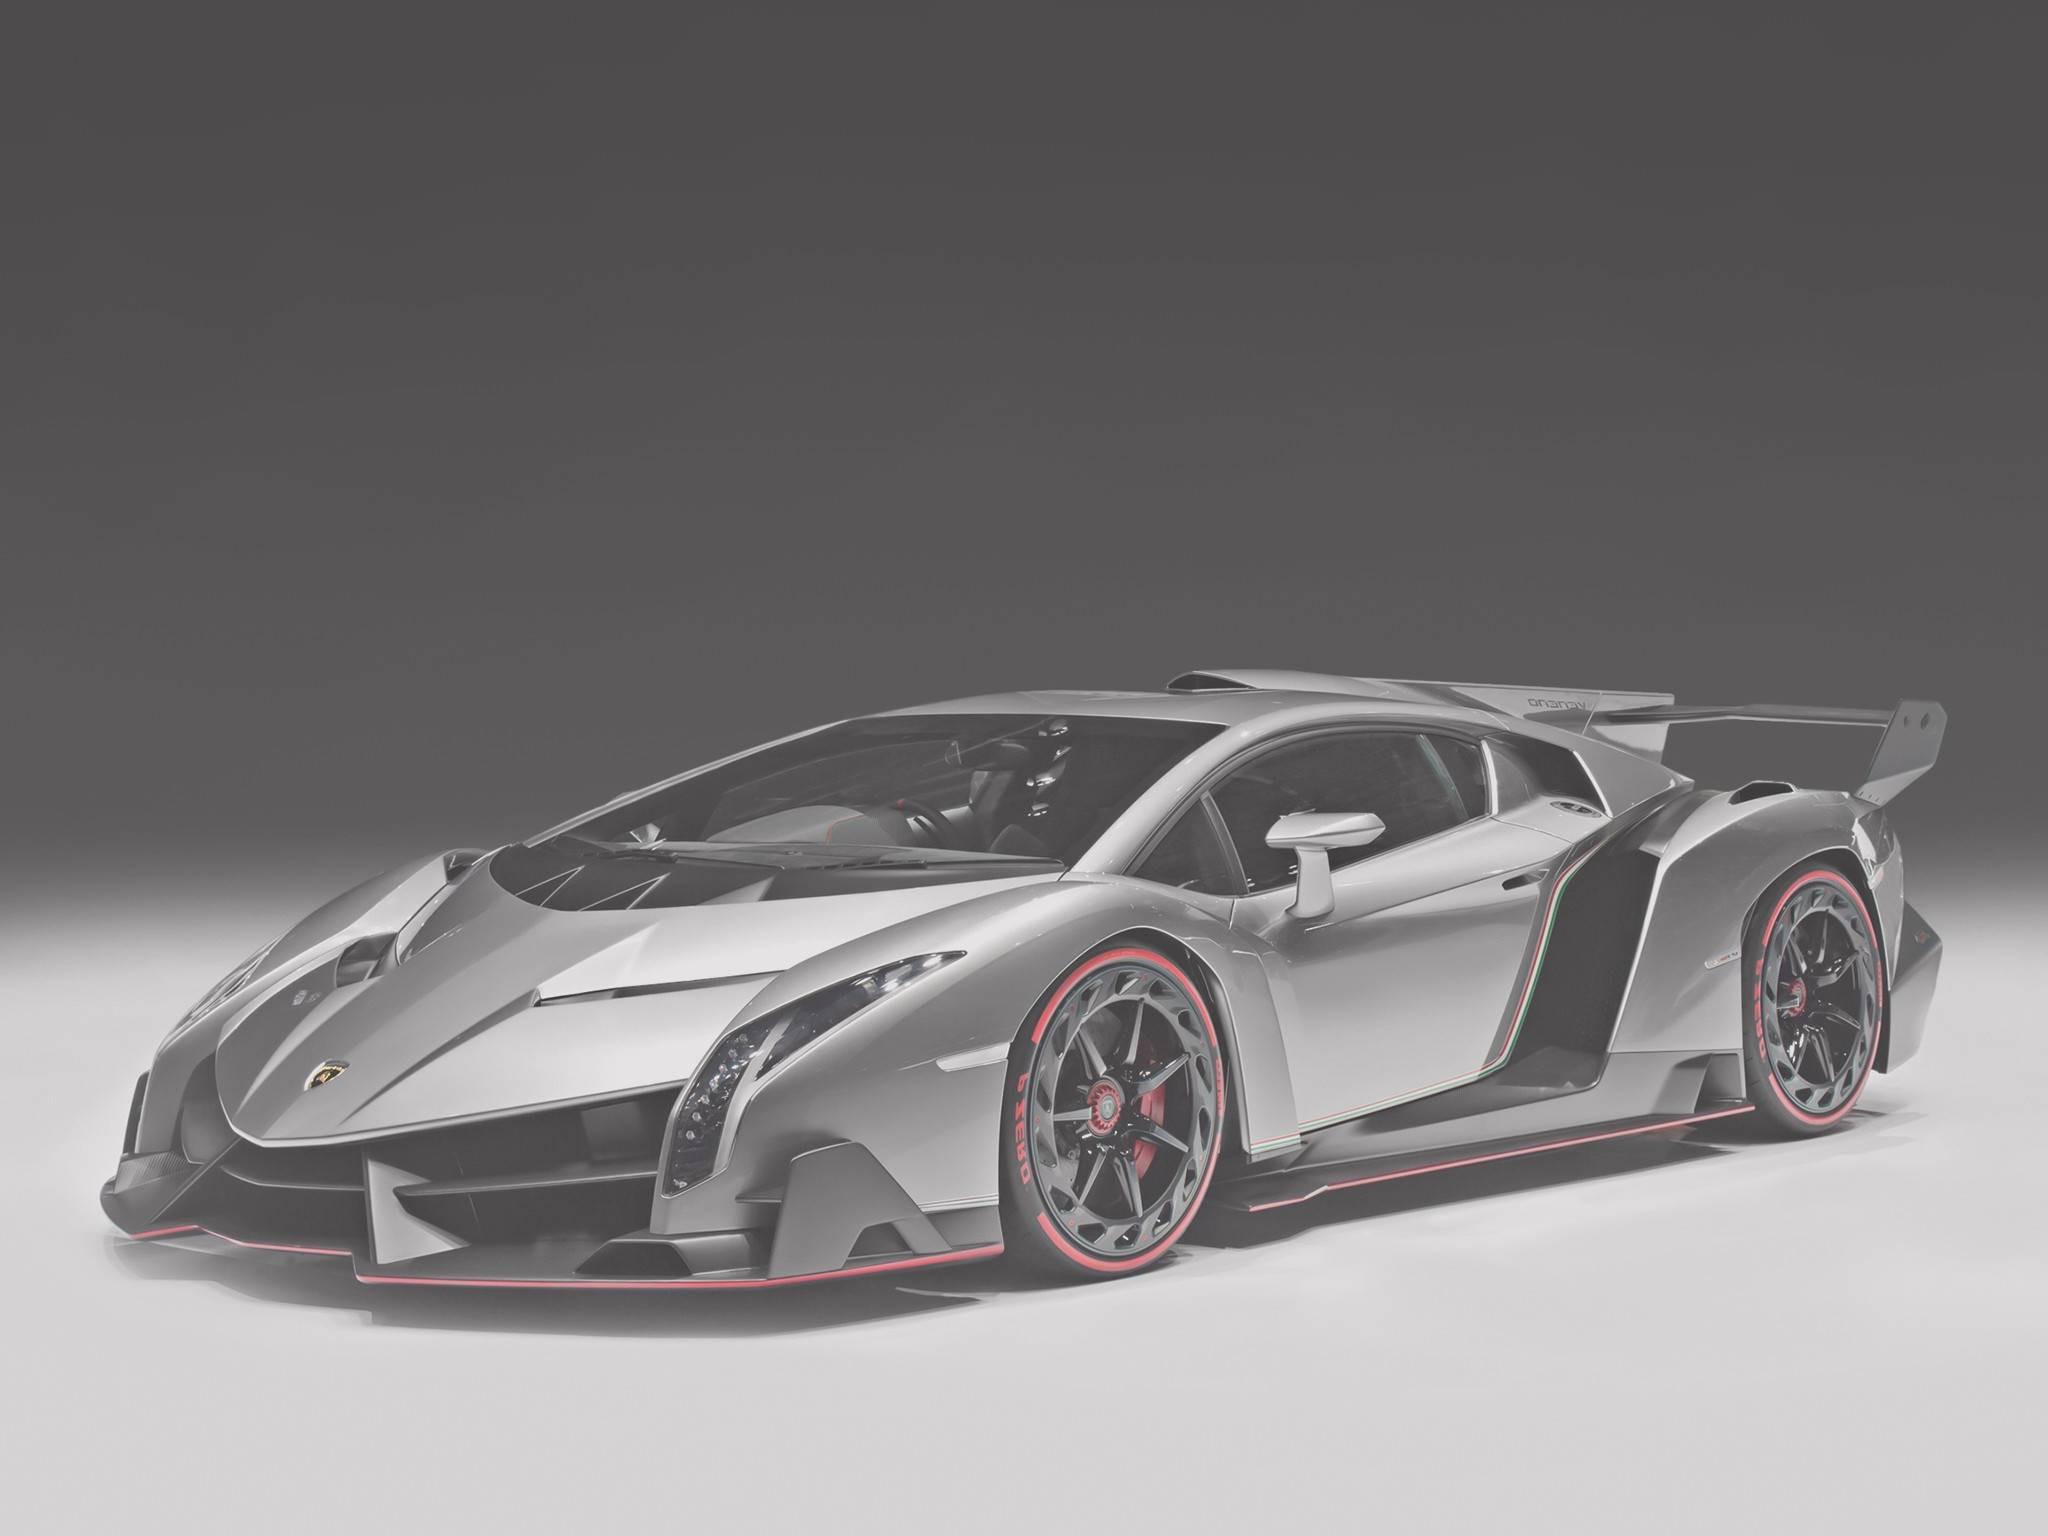 Ausmalbilder Bugatti Chiron Das Beste Von 35 Frisch Hot Wheels Ausmalbilder – Malvorlagen Ideen Bilder